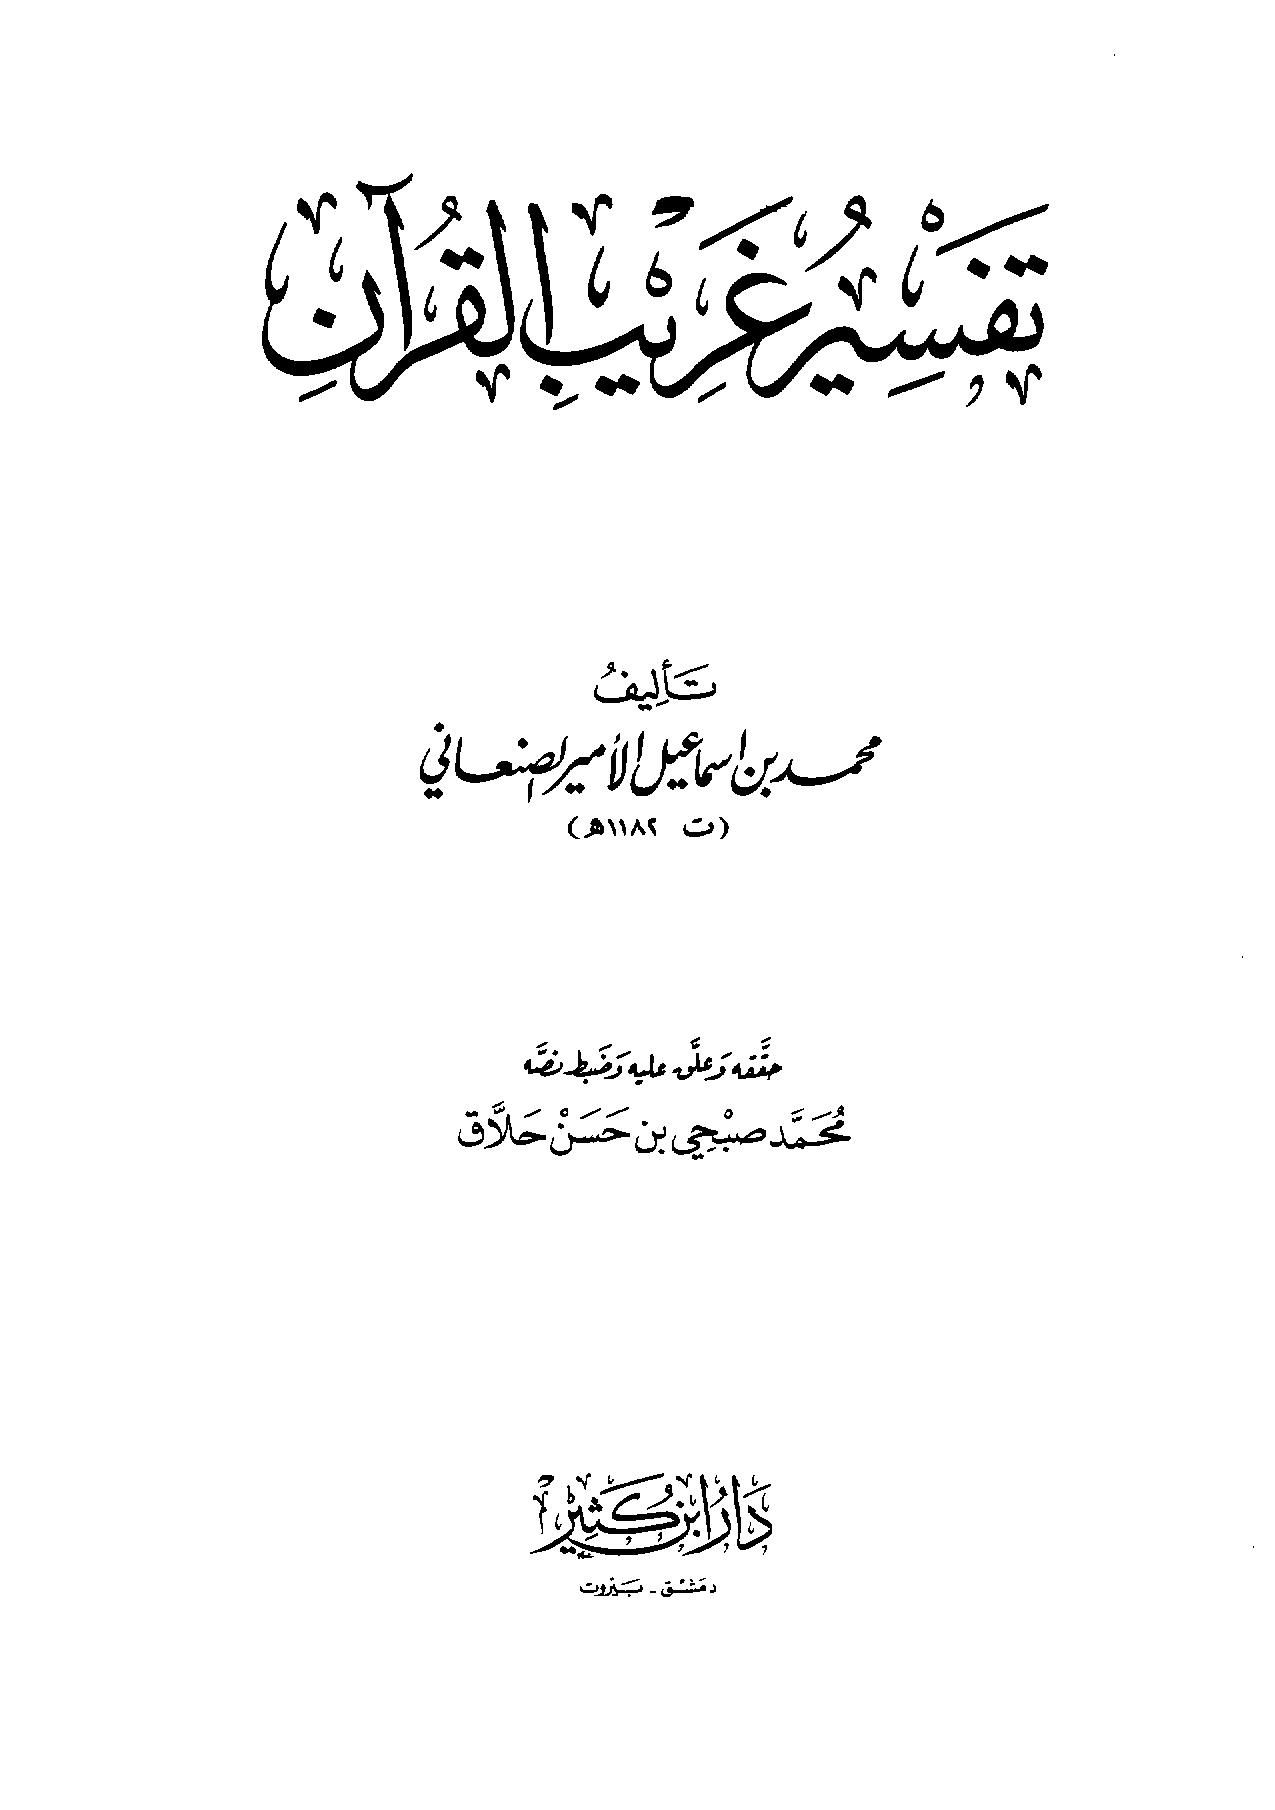 تحميل كتاب تفسير غريب القرآن لـِ: الإمام محمد بن إسماعيل بن صلاح الأمير الصنعاني (ت 1182)